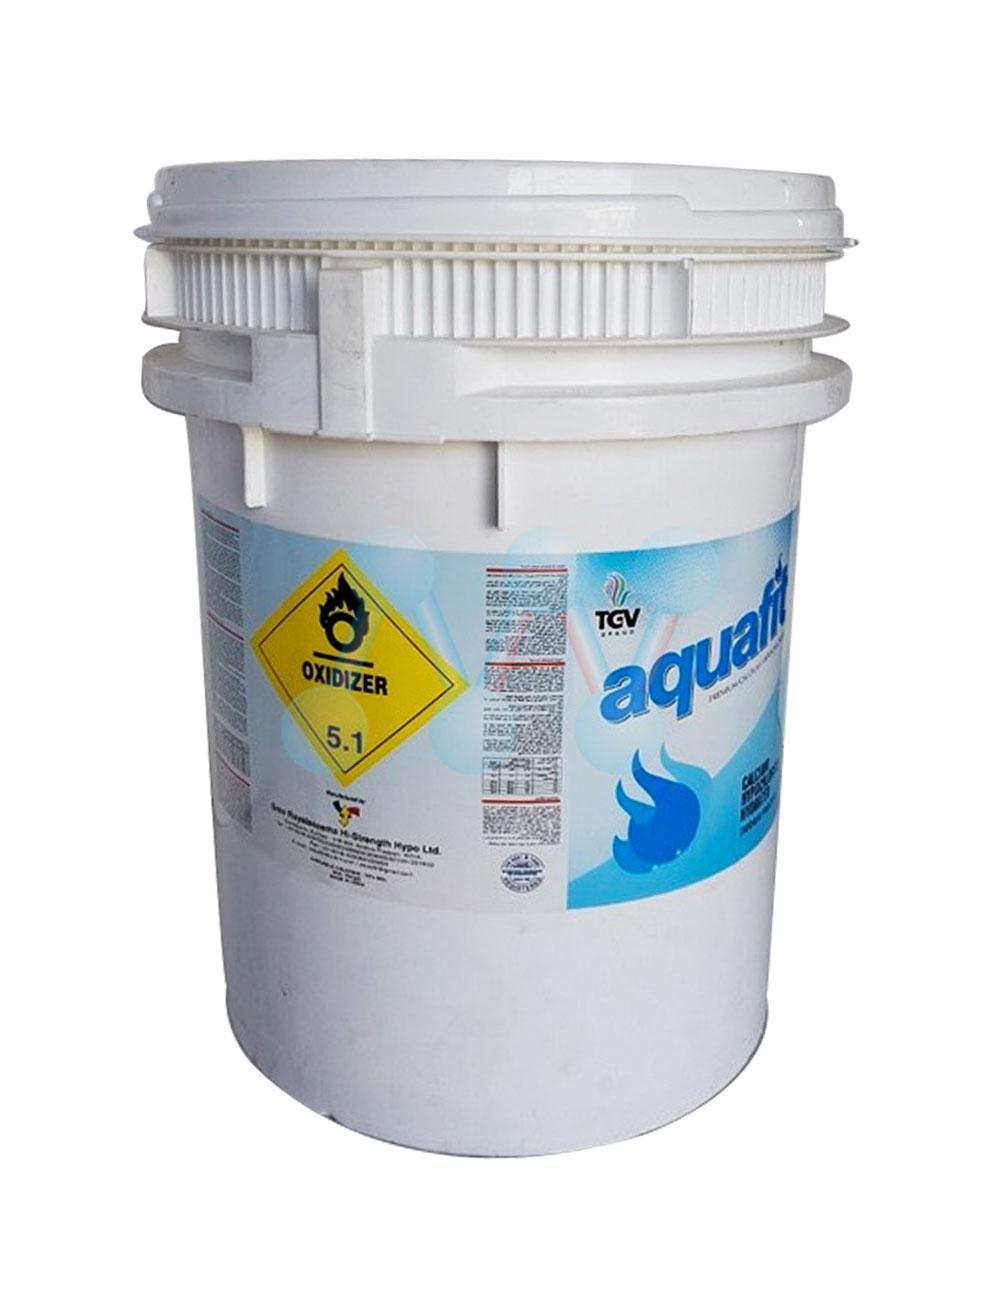 Chlorine 70% - Aquafit